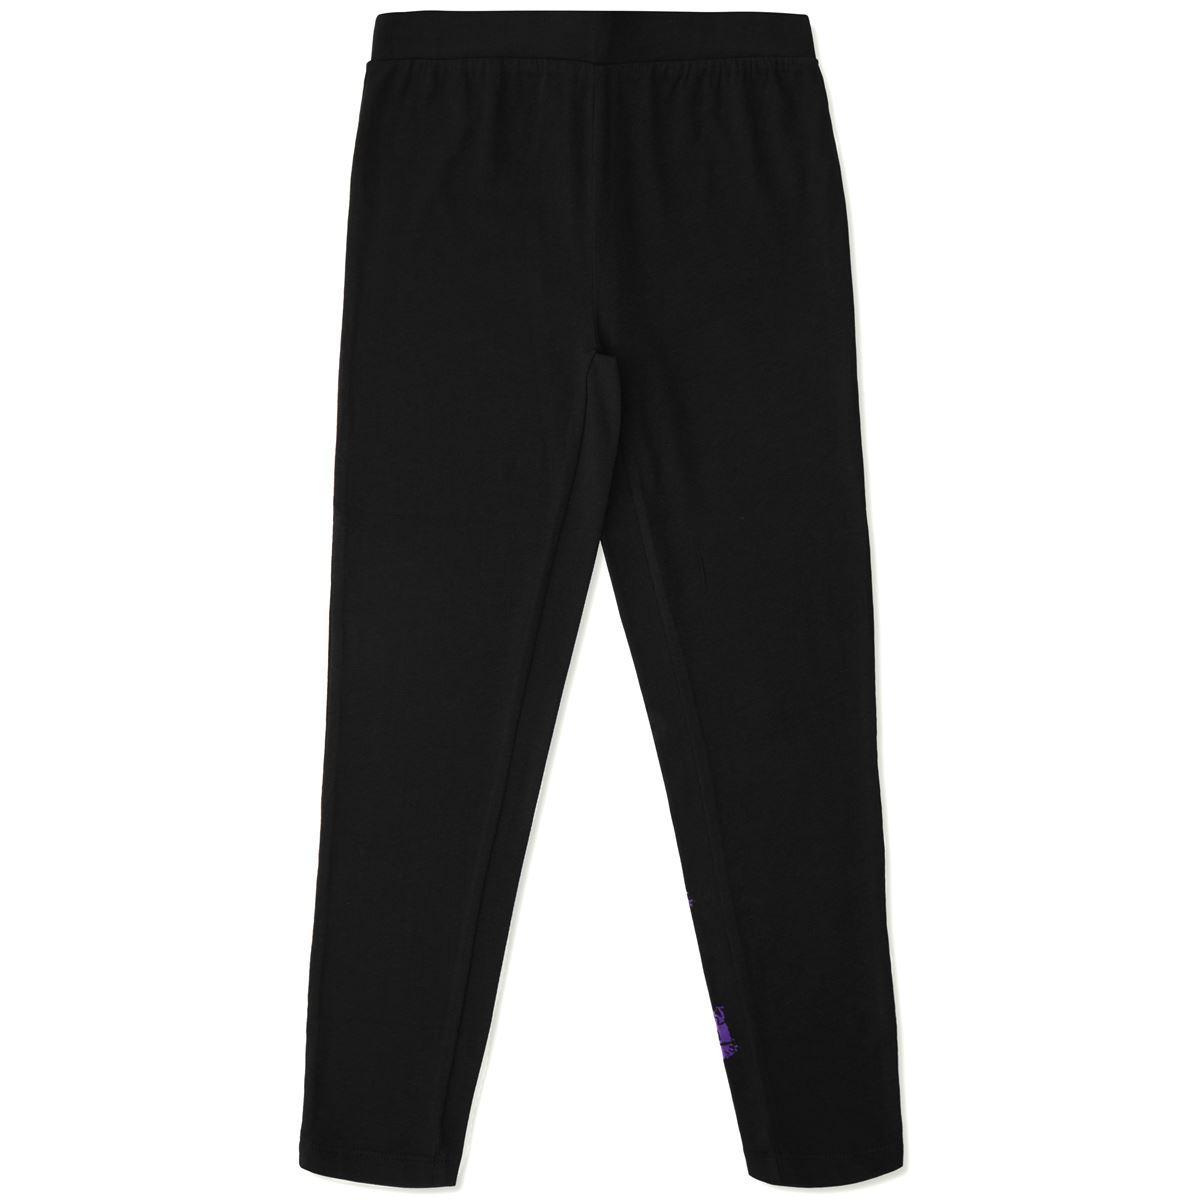 Kappa Pantaloni bambina-311665W